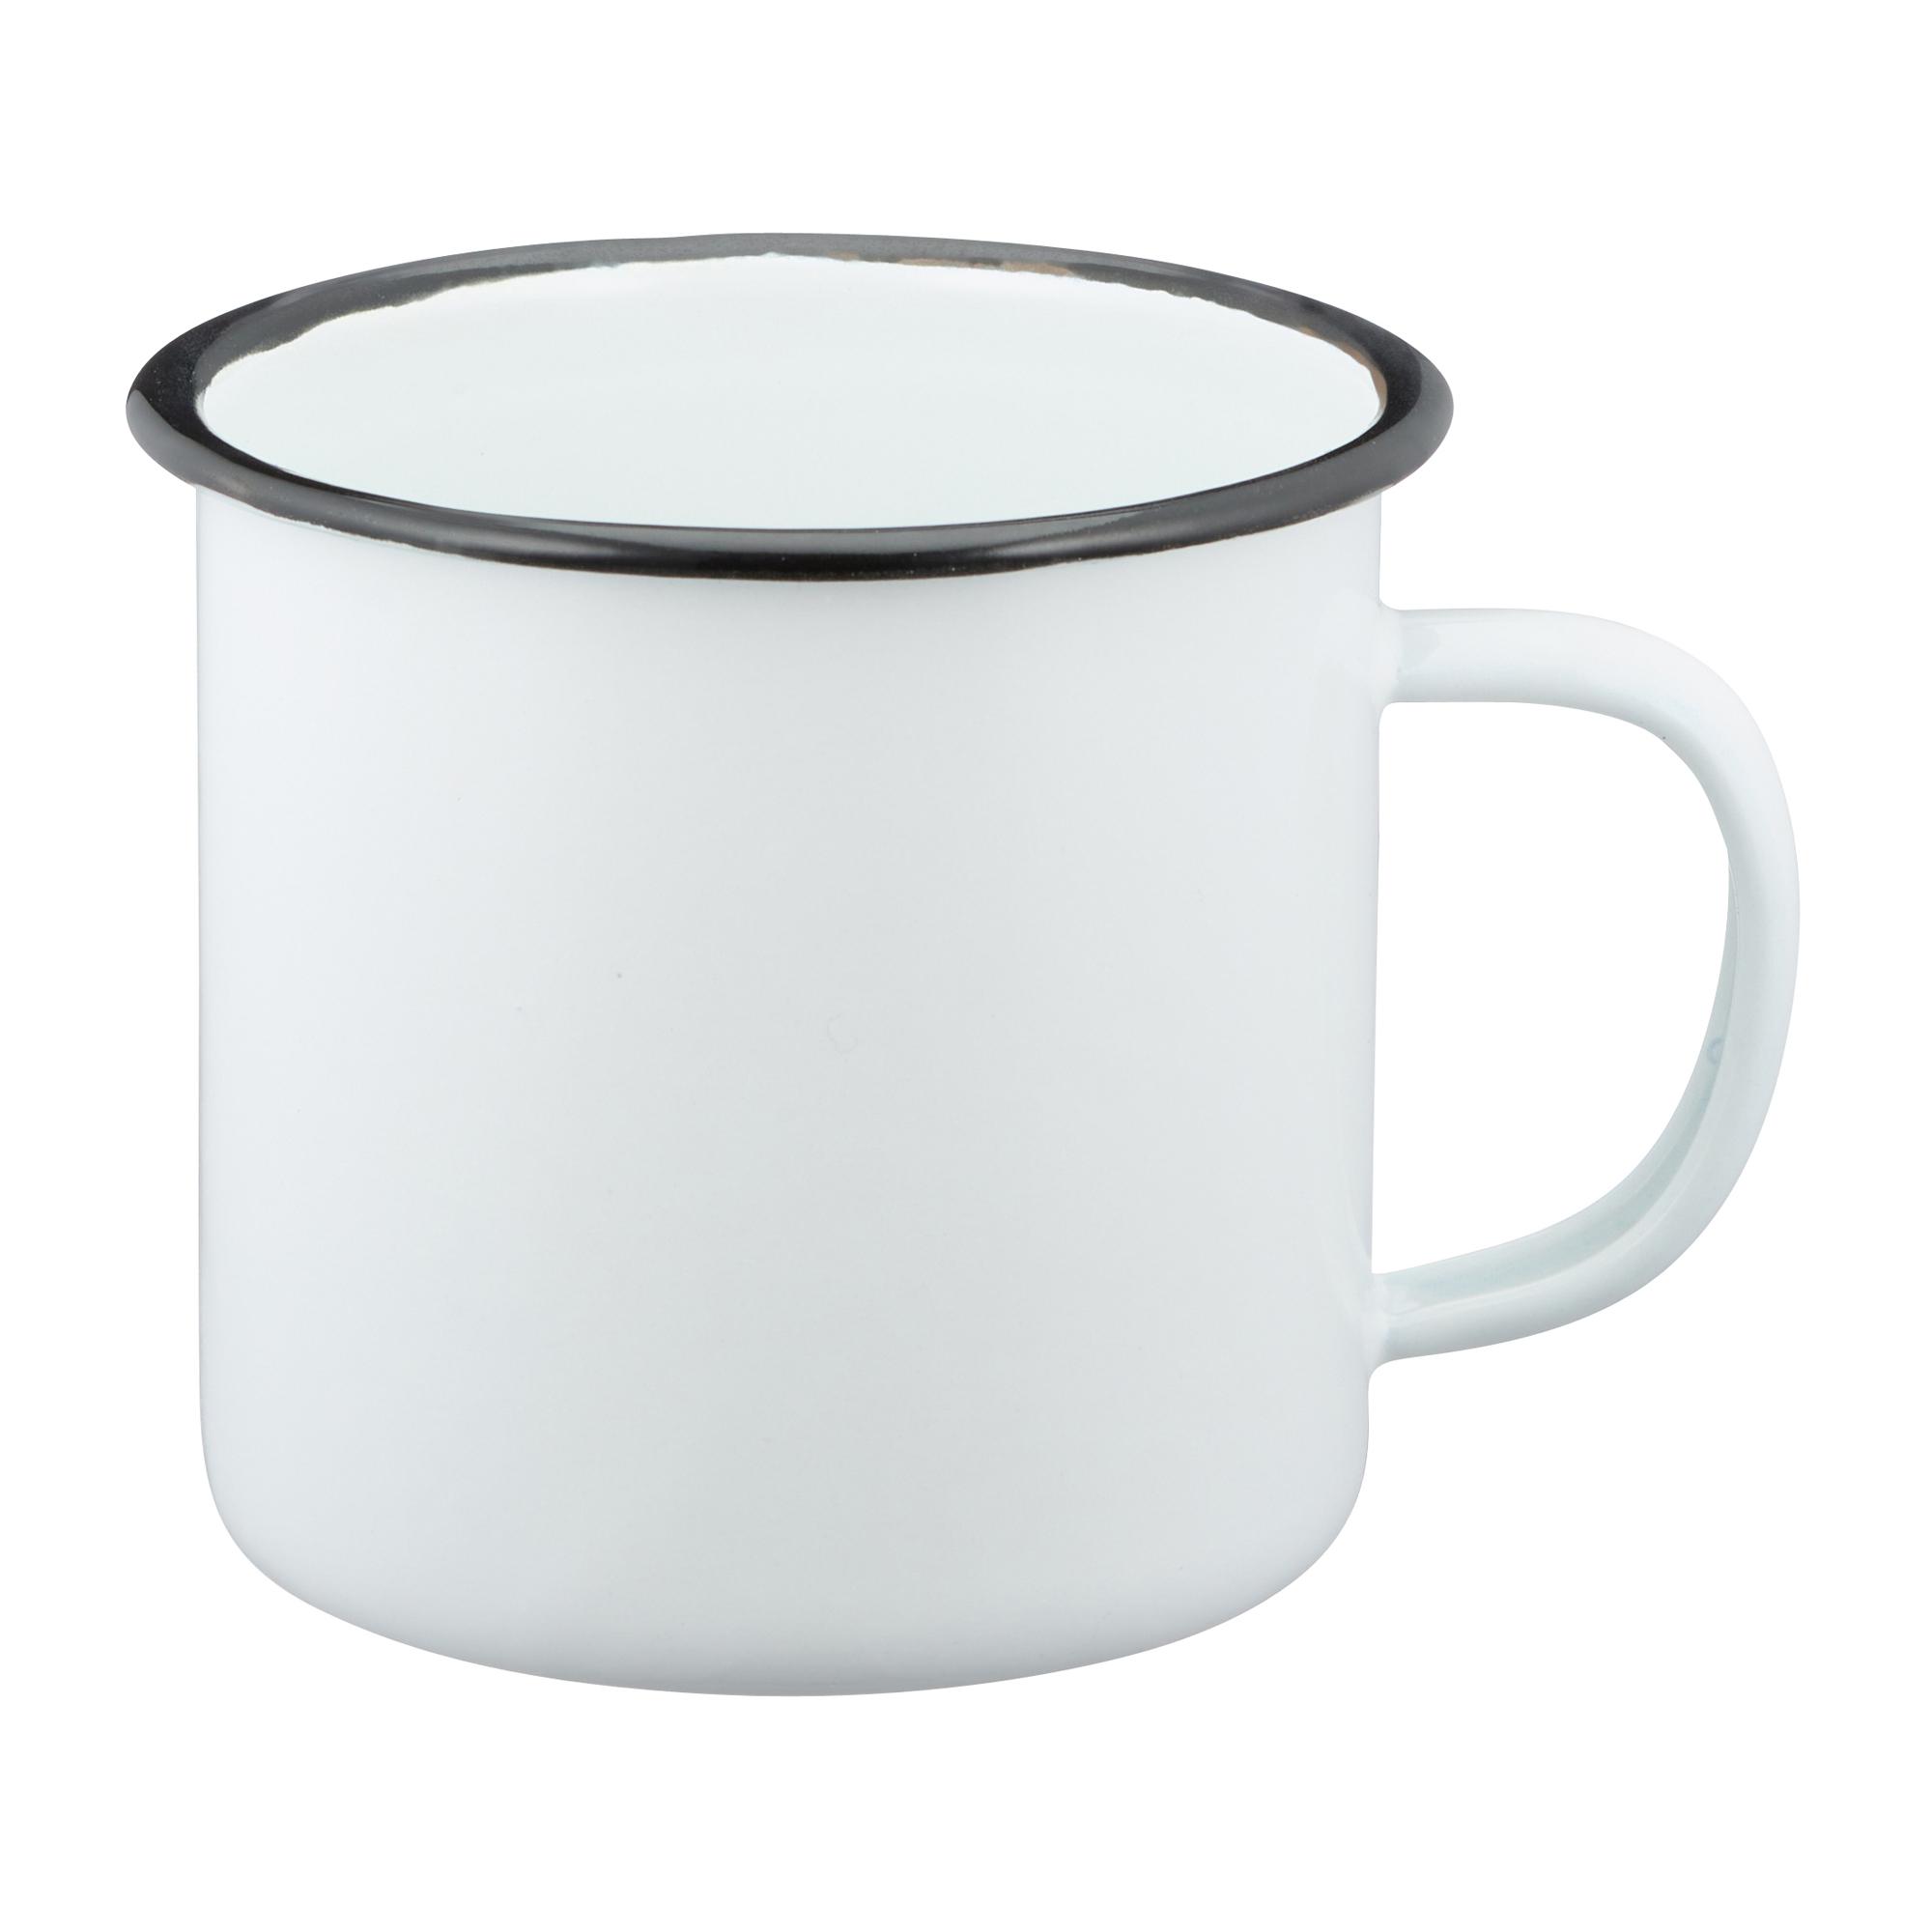 Emaille Tasse 300 ml weiß schwarz